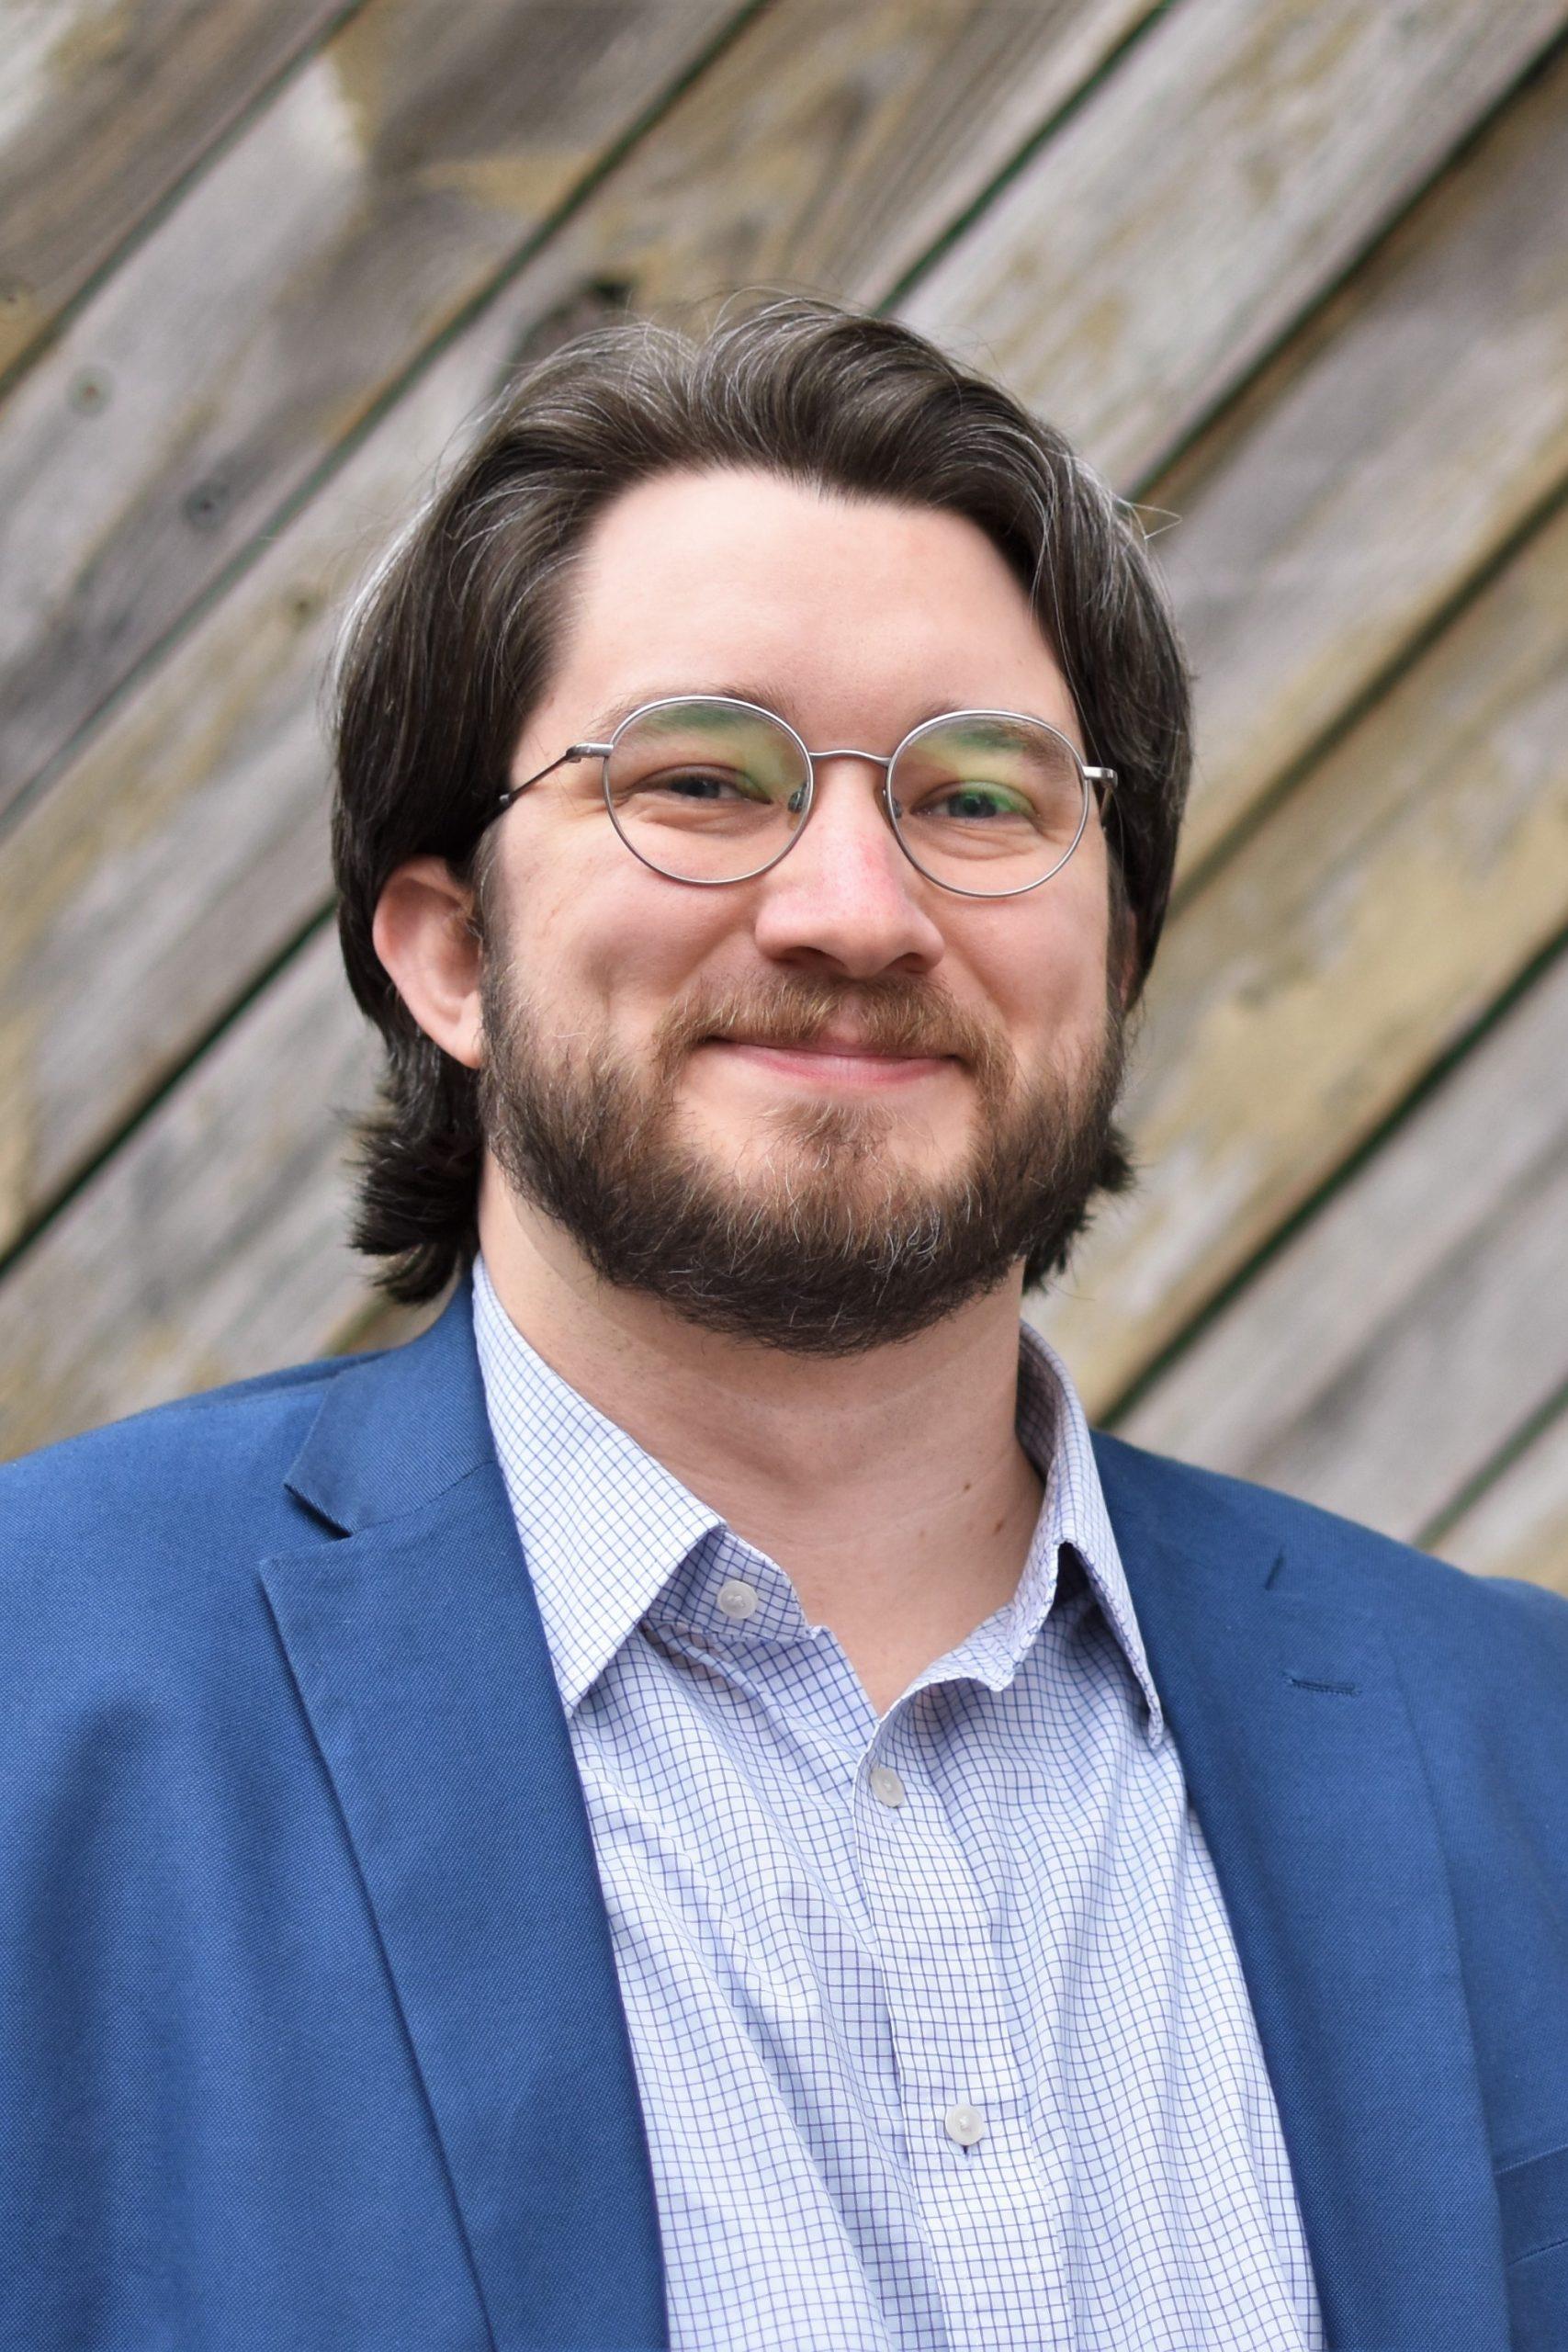 Headshot of Andrew Harrell